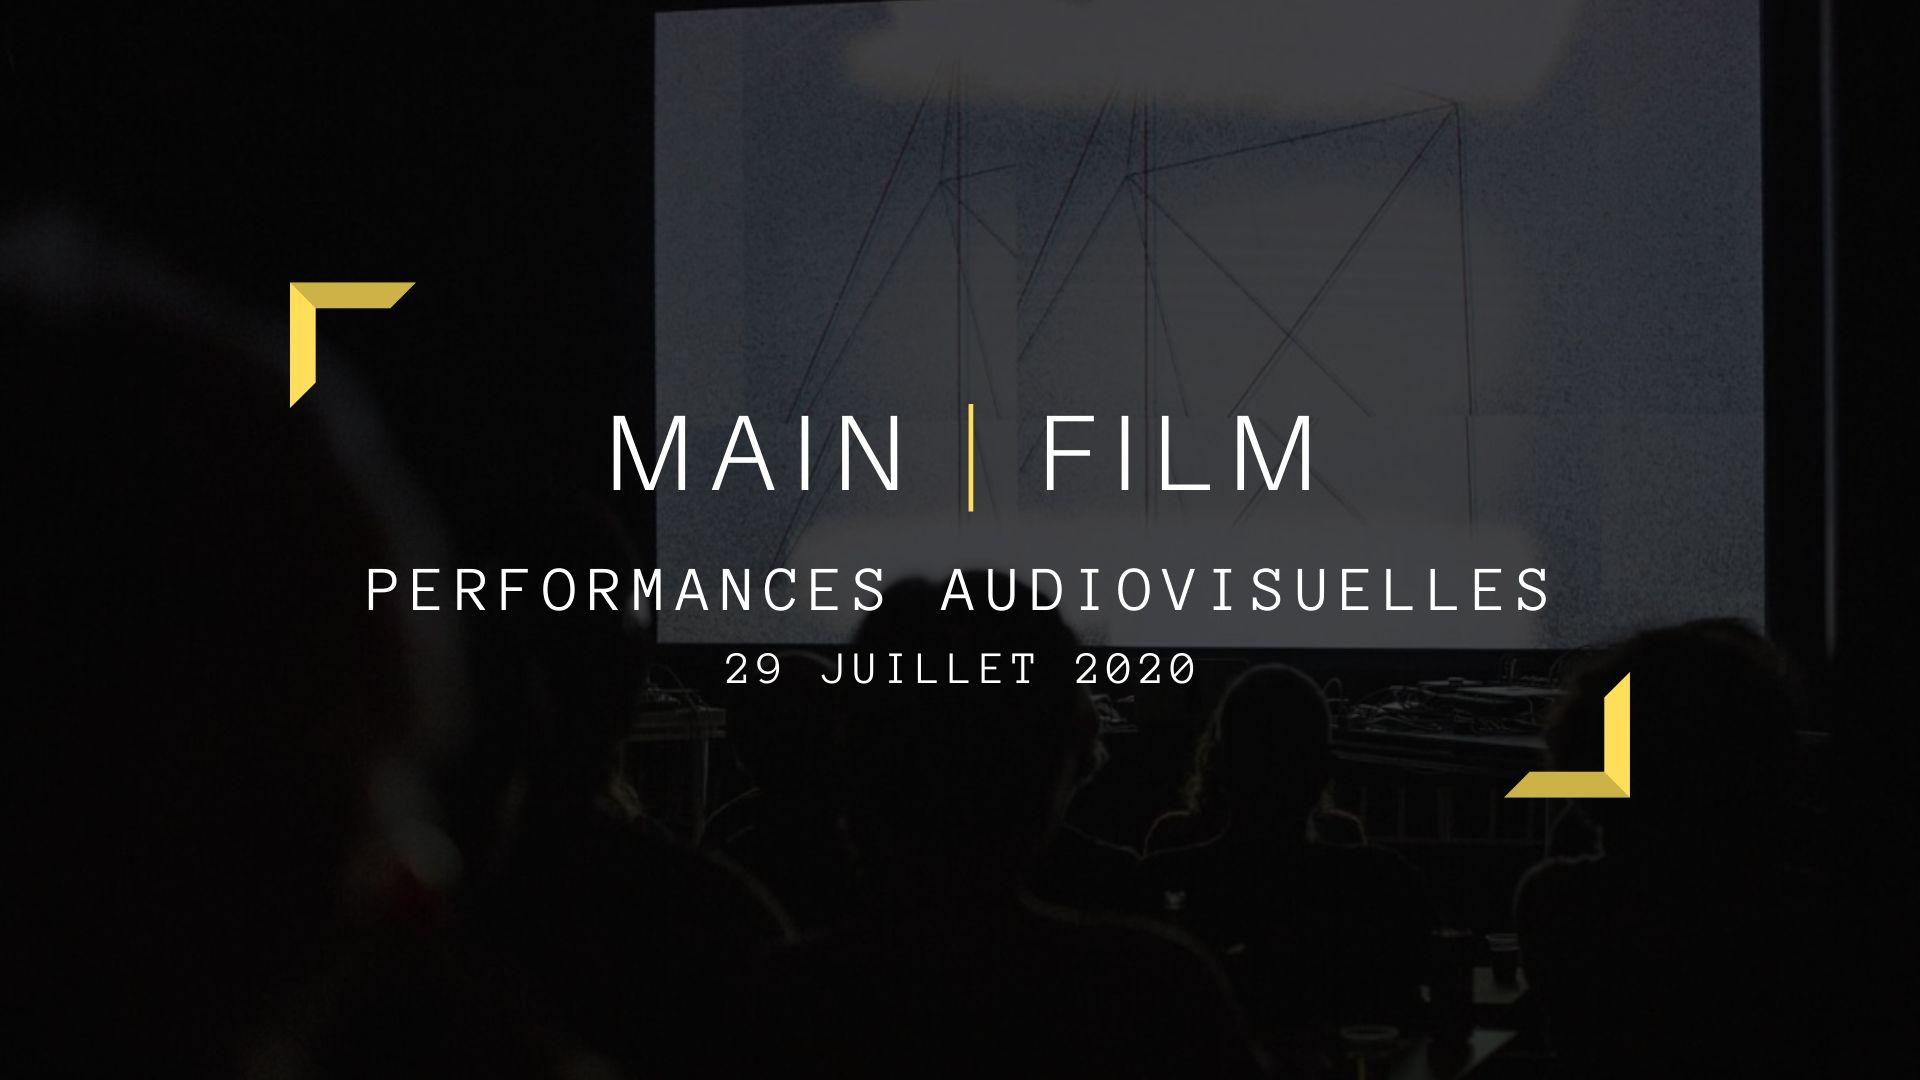 Performances audiovisuelles